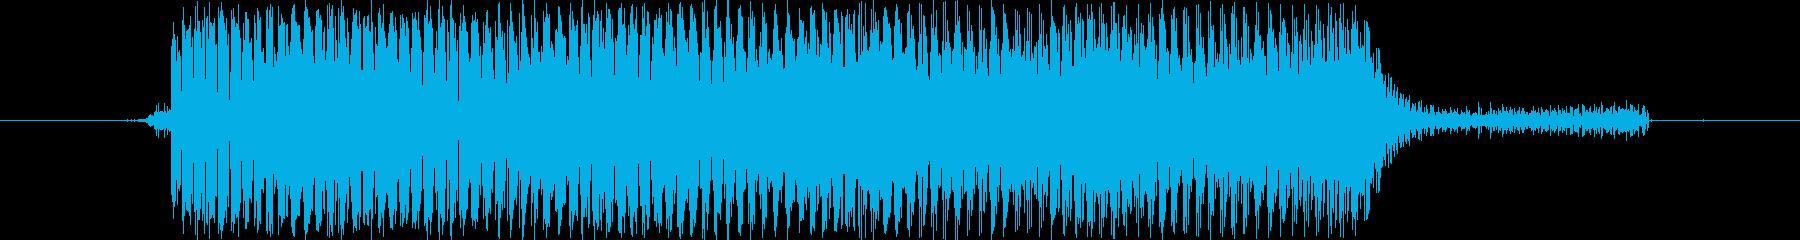 【効果音/電子音/機械/ビーム】の再生済みの波形